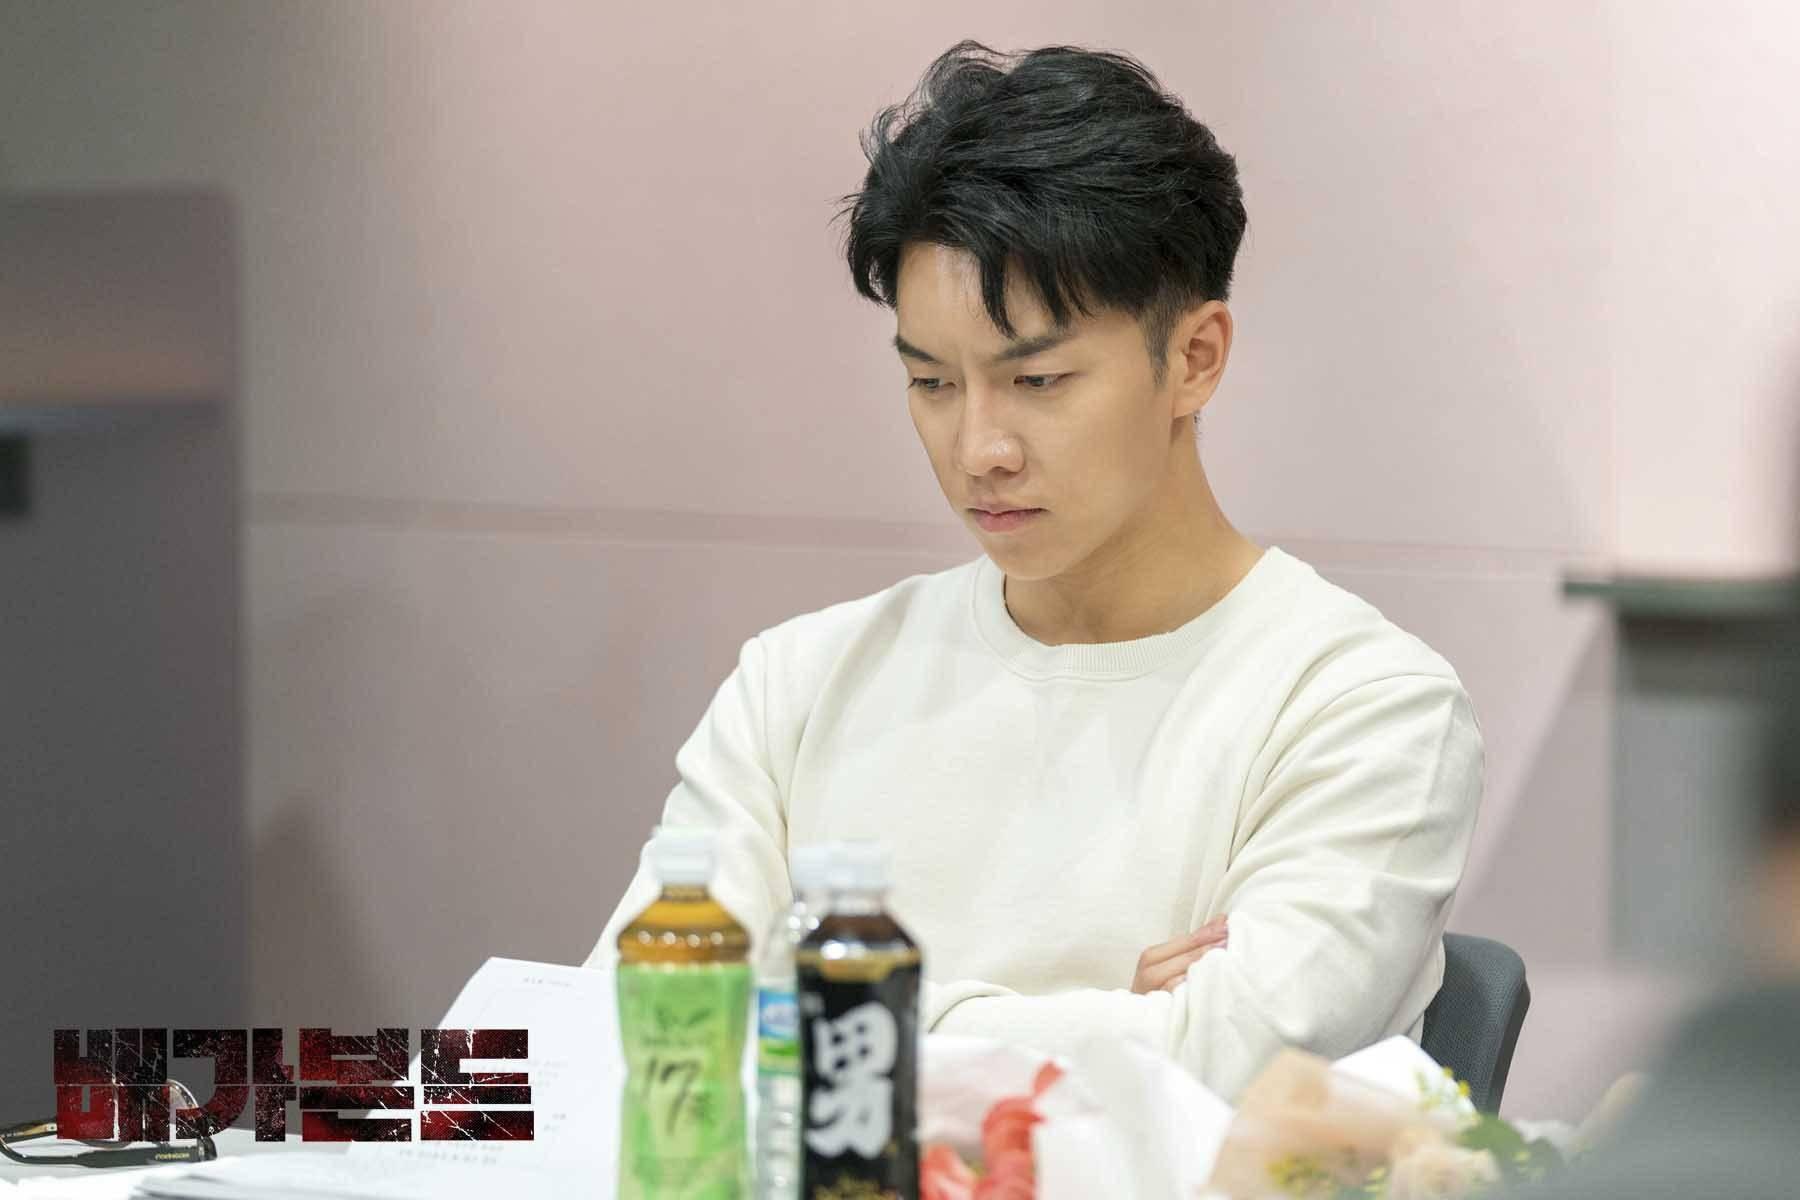 李昇基秀智继《九家》之后再合作,新剧9月20日首播,备受期待